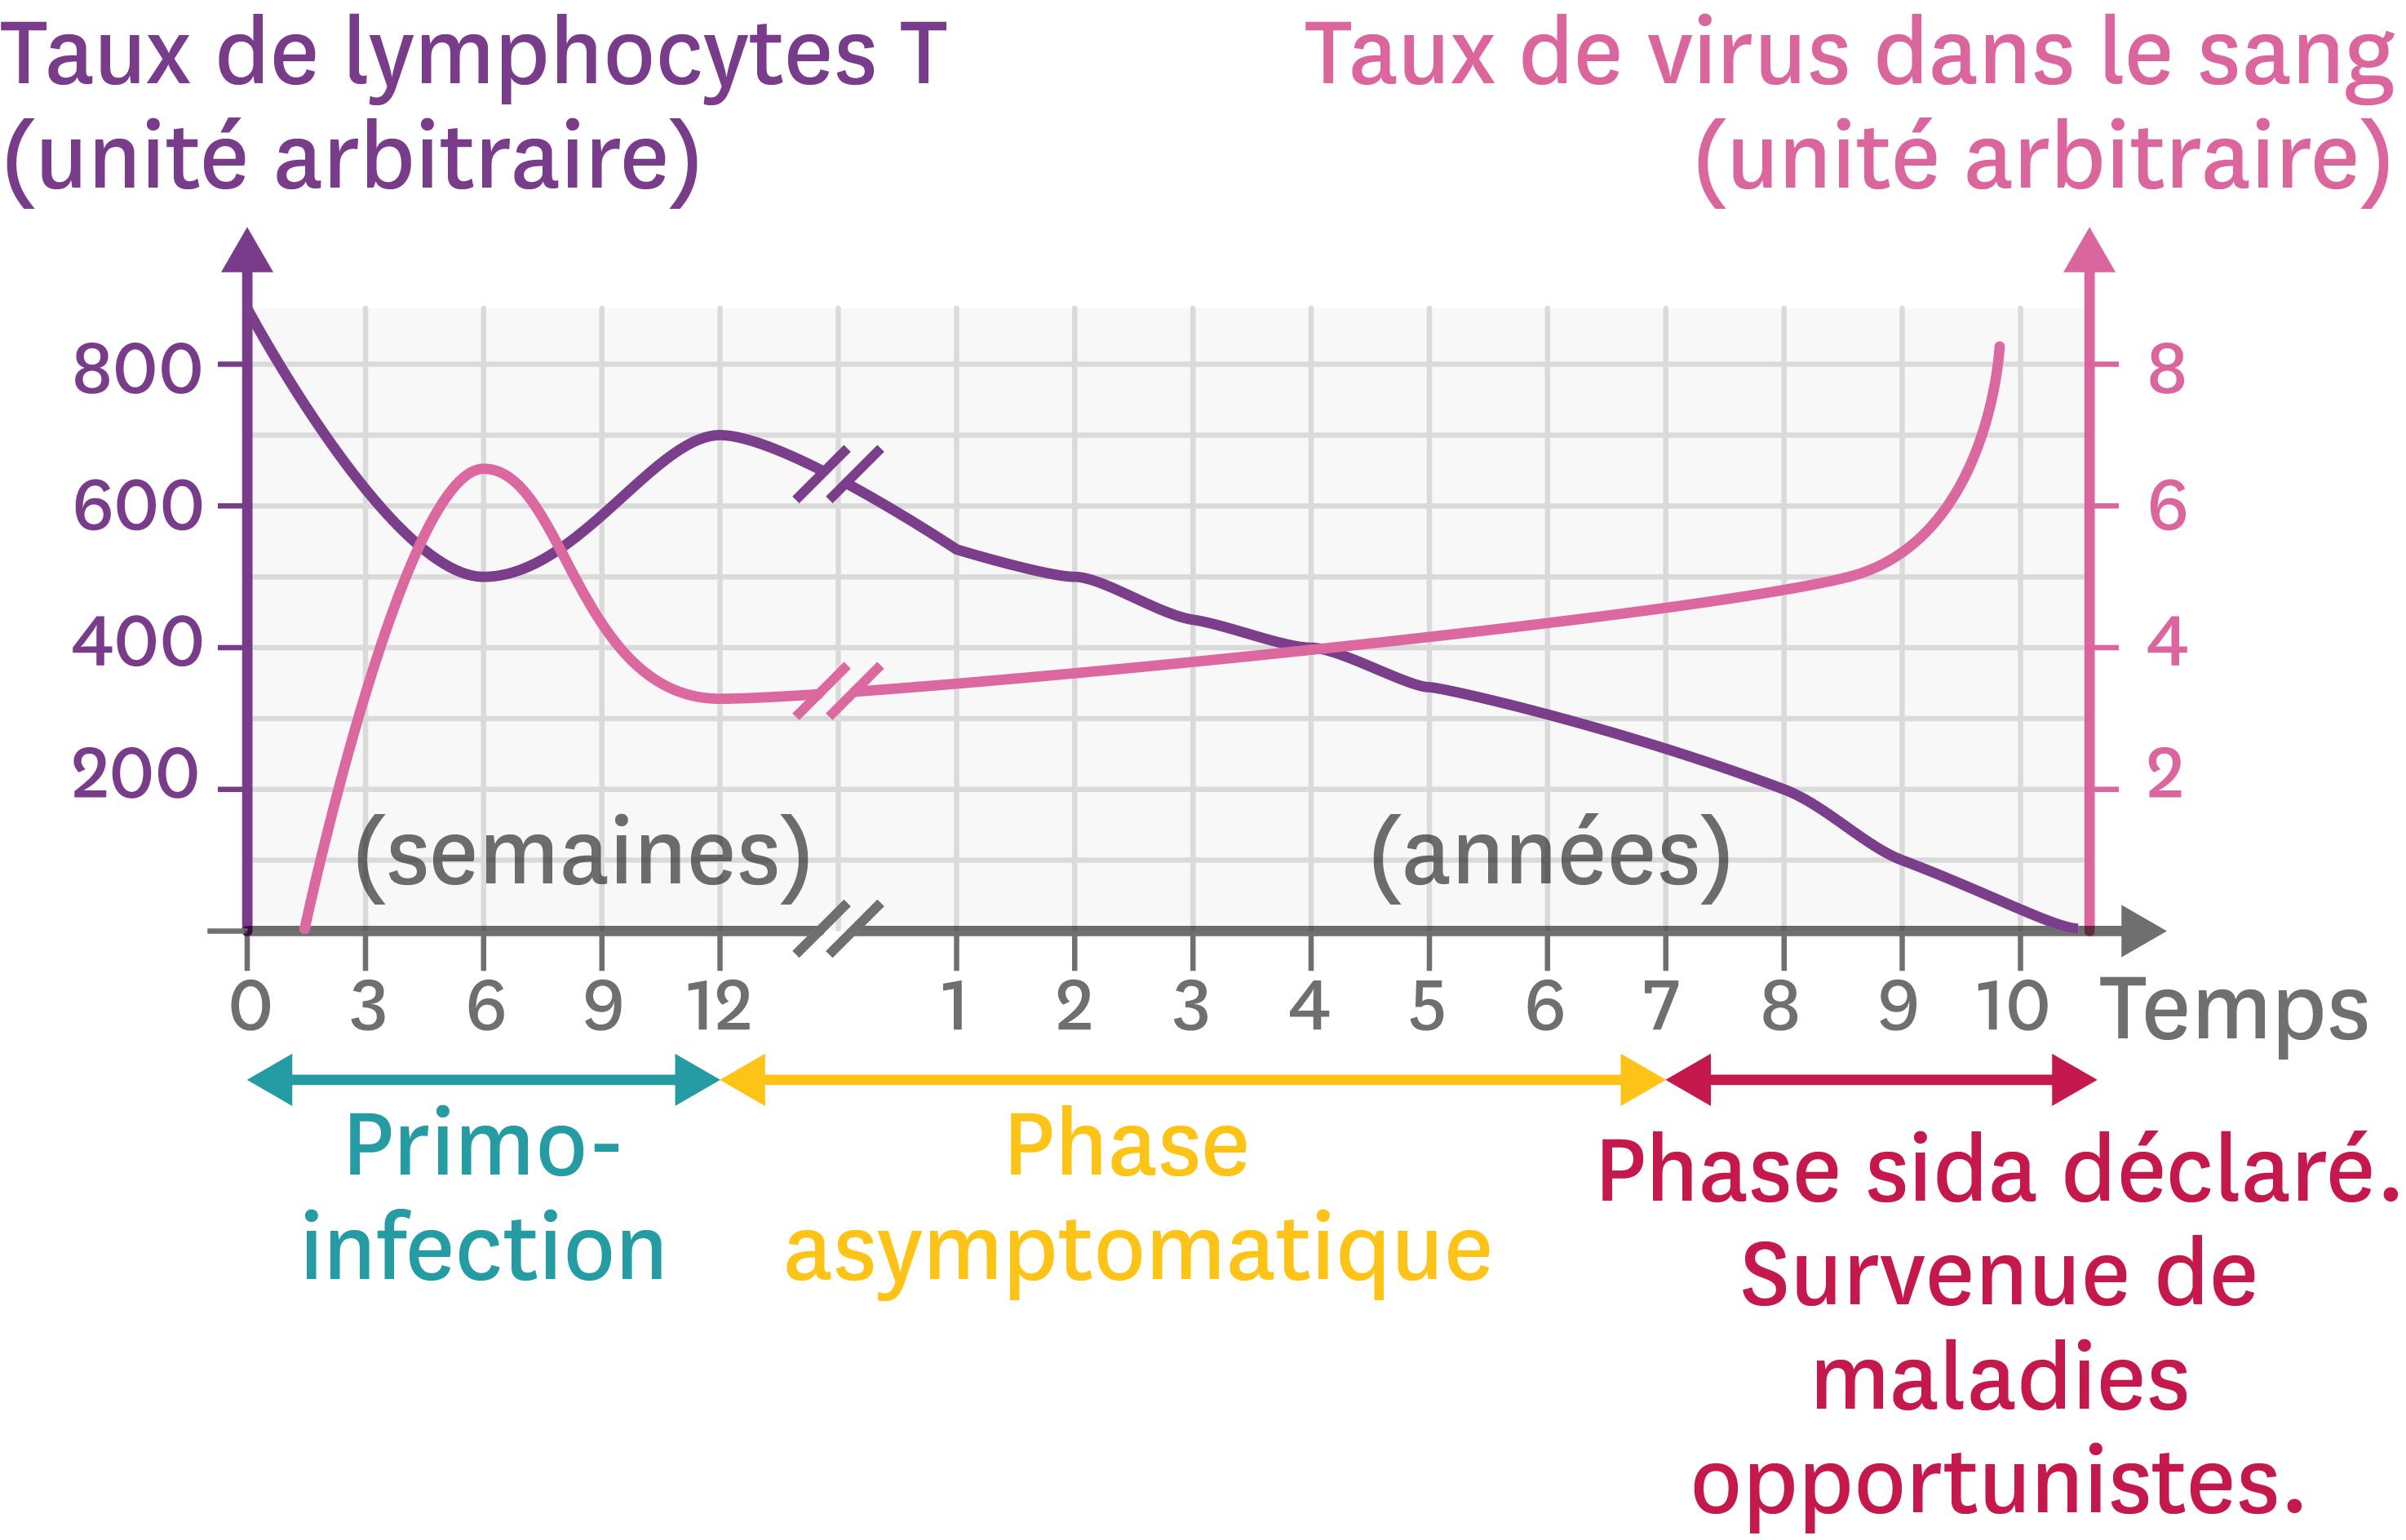 <stamp theme='svt-green1'>Doc. 2</stamp> L'évolution de l'infection par le VIH en fonction du temps.